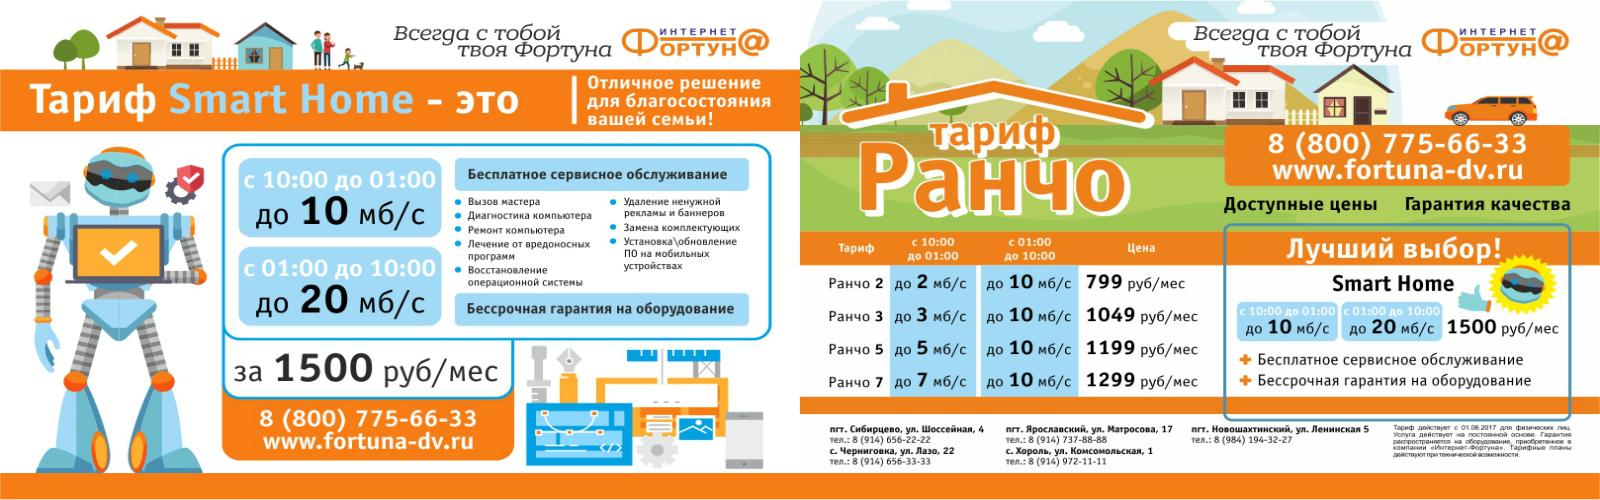 2017_05_25_Listovka11600x500